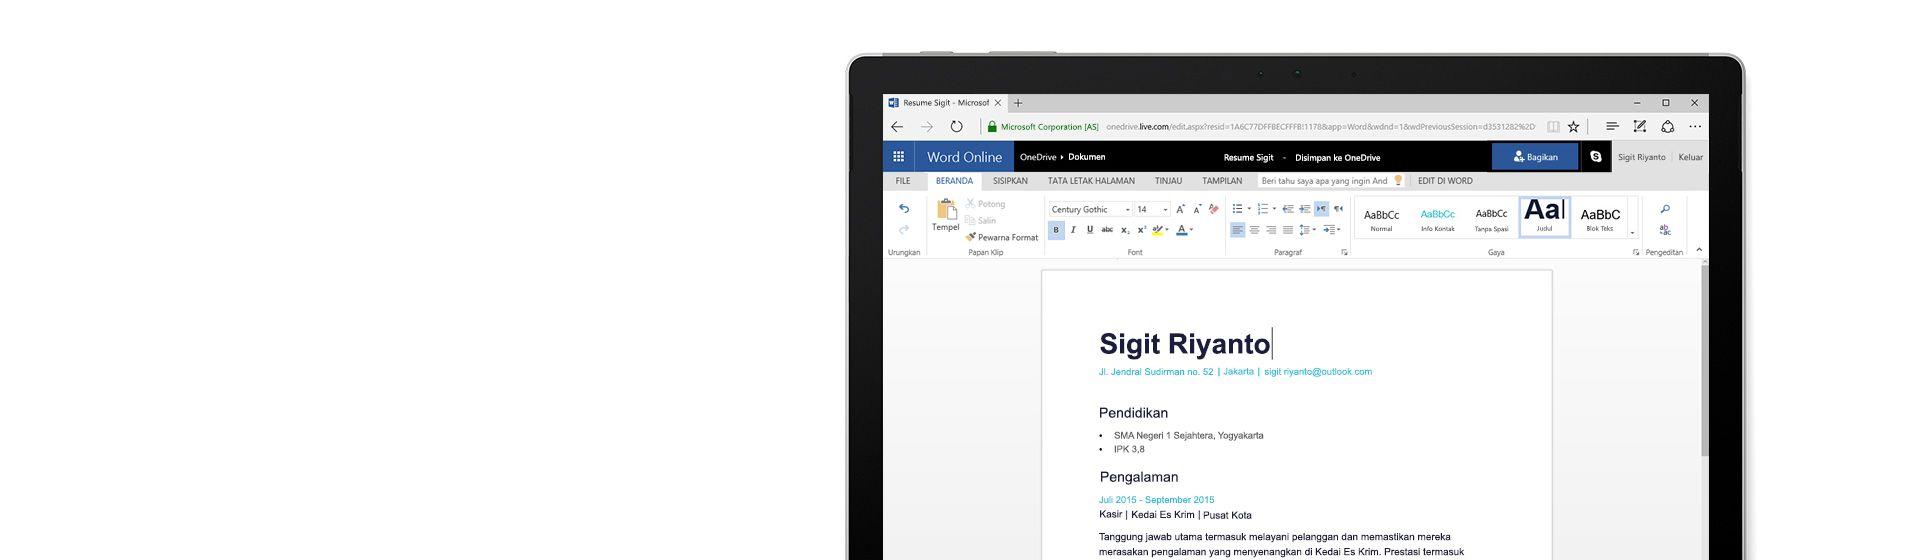 Layar komputer menampilkan resume yang sedang dibuat di Word Online